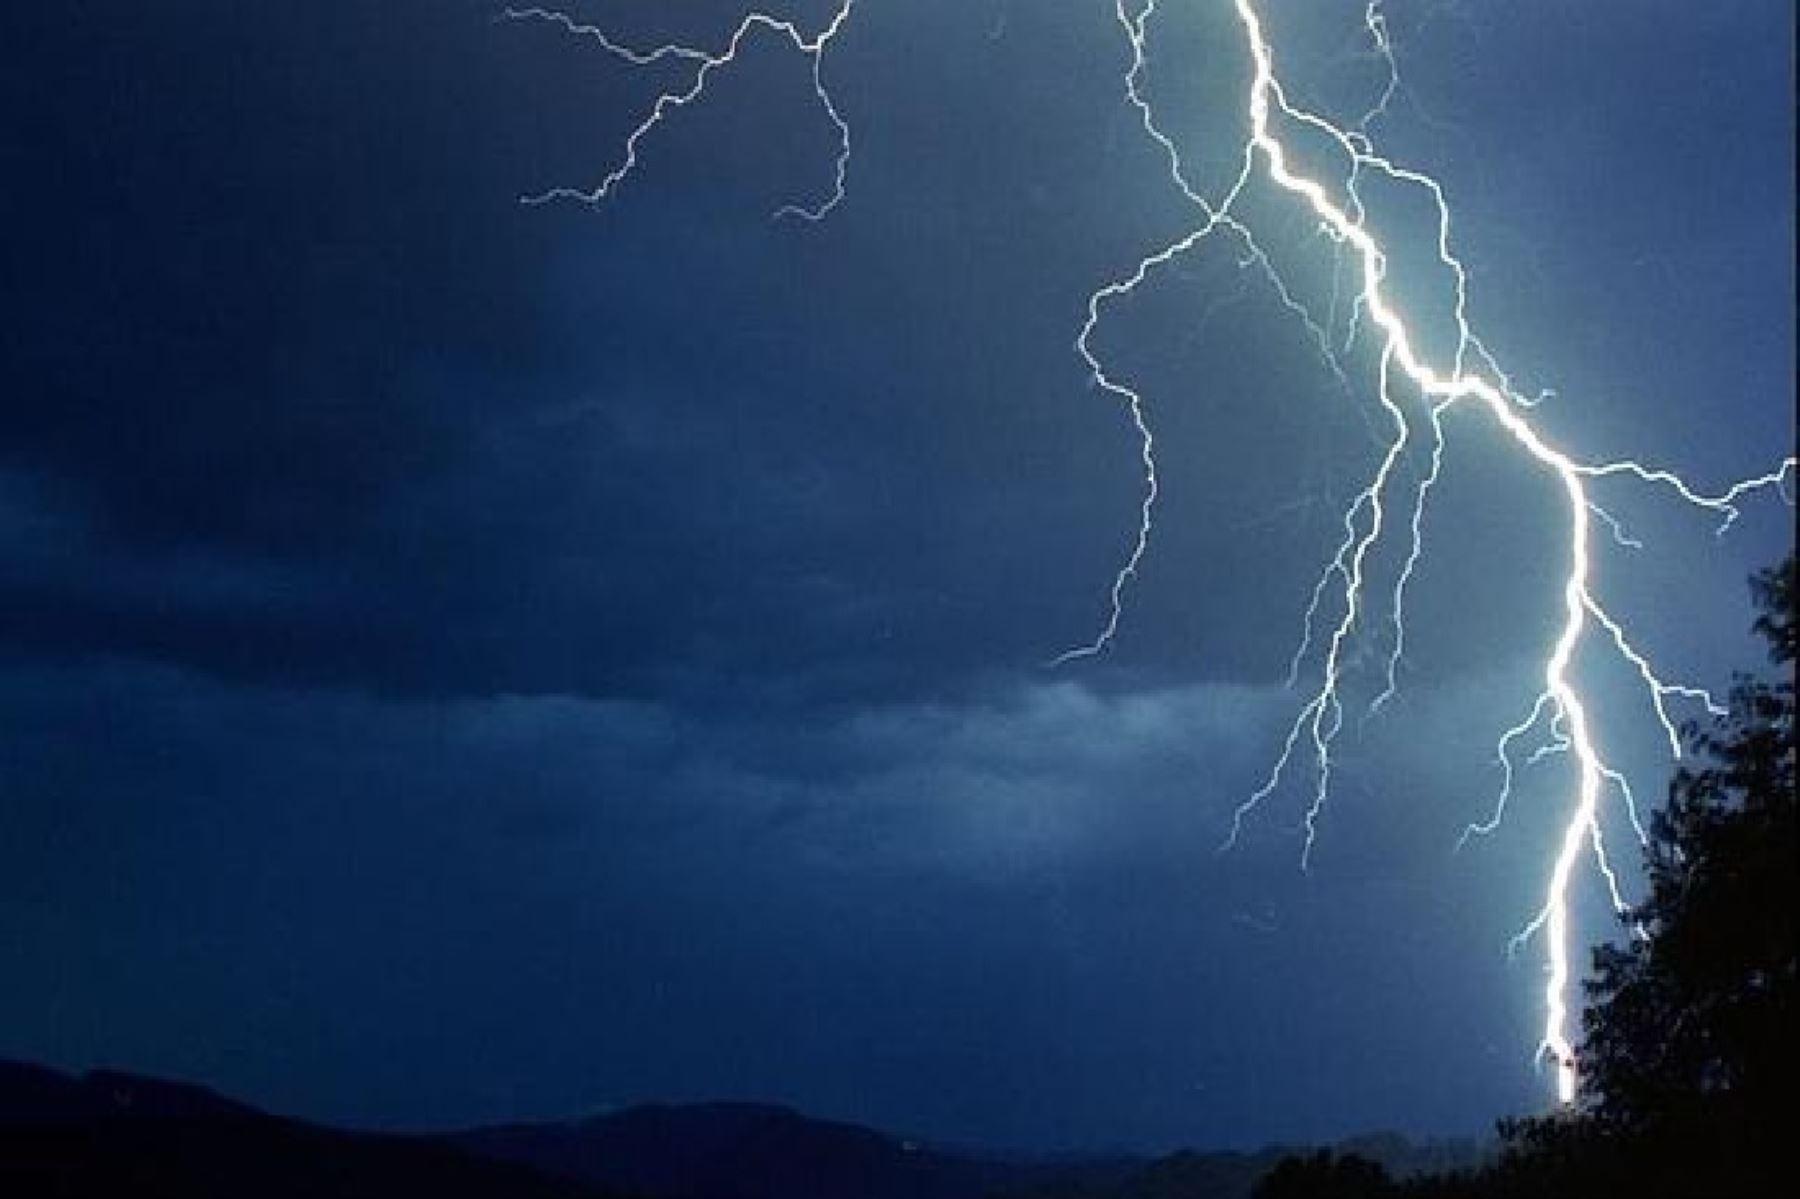 Un menor de 14 años murió al ser alcanzado por una descarga eléctrica, que acompaña las intensas lluvias en Cusco.